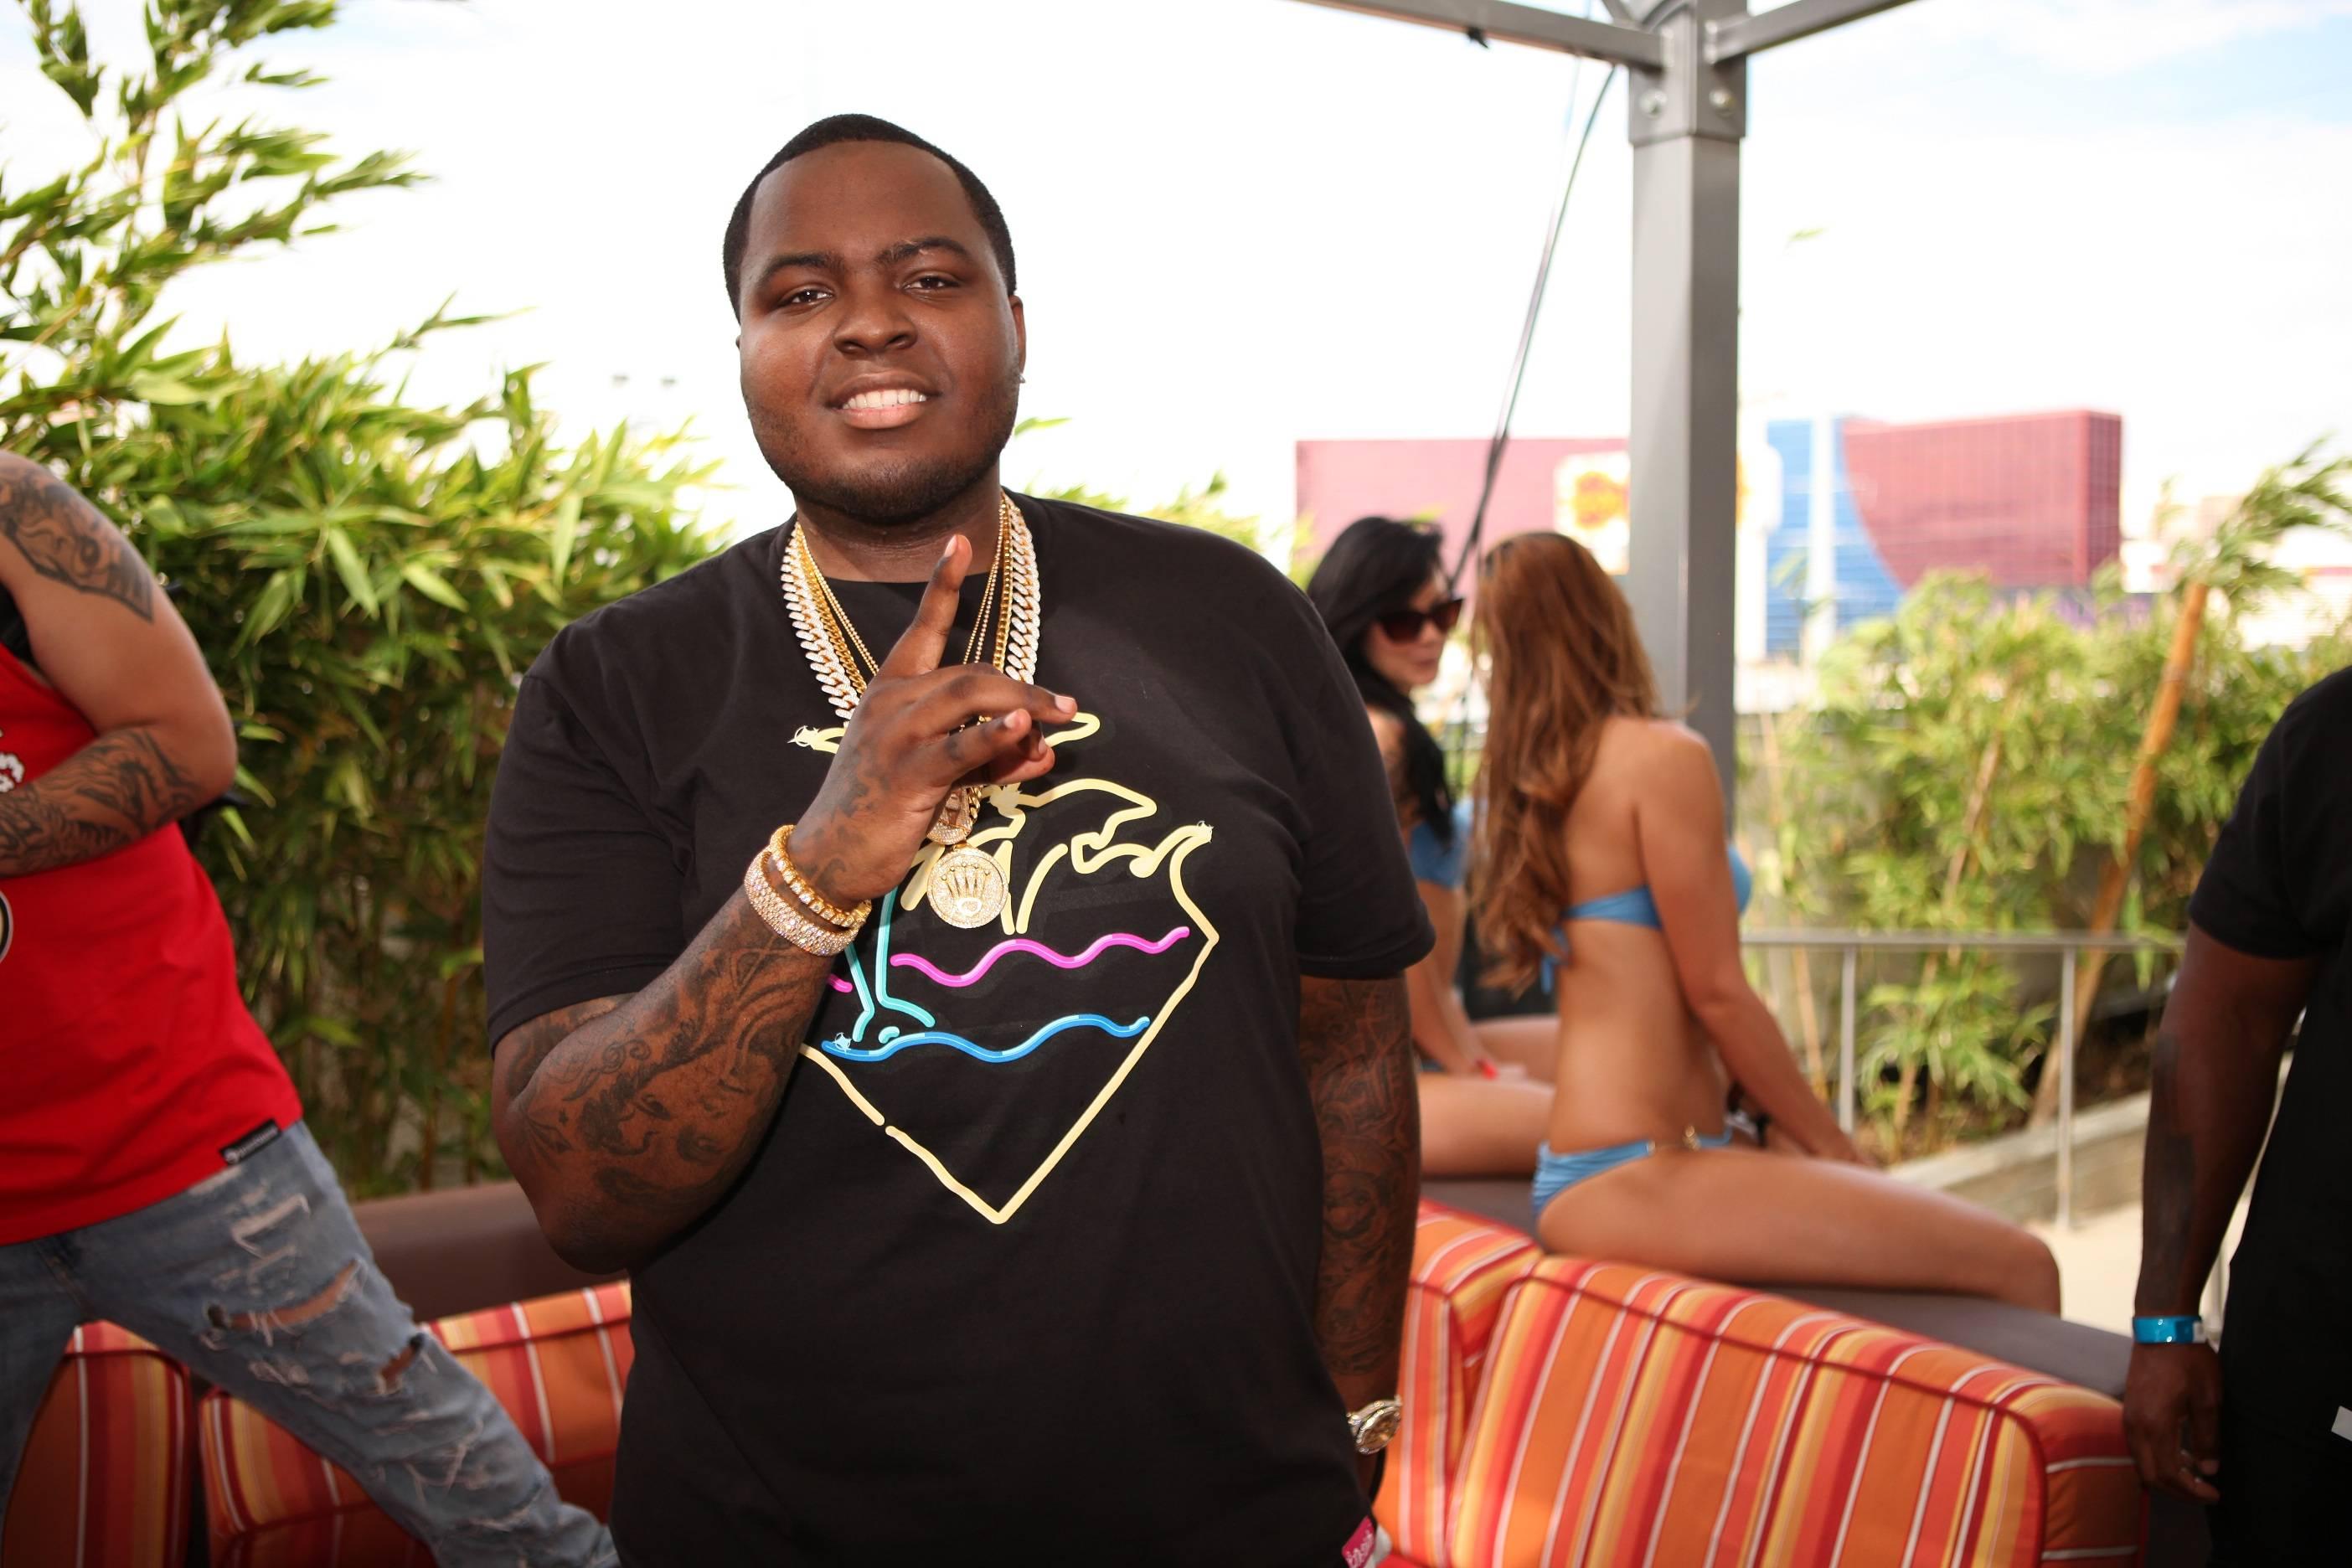 Sean Kingston at VIP table